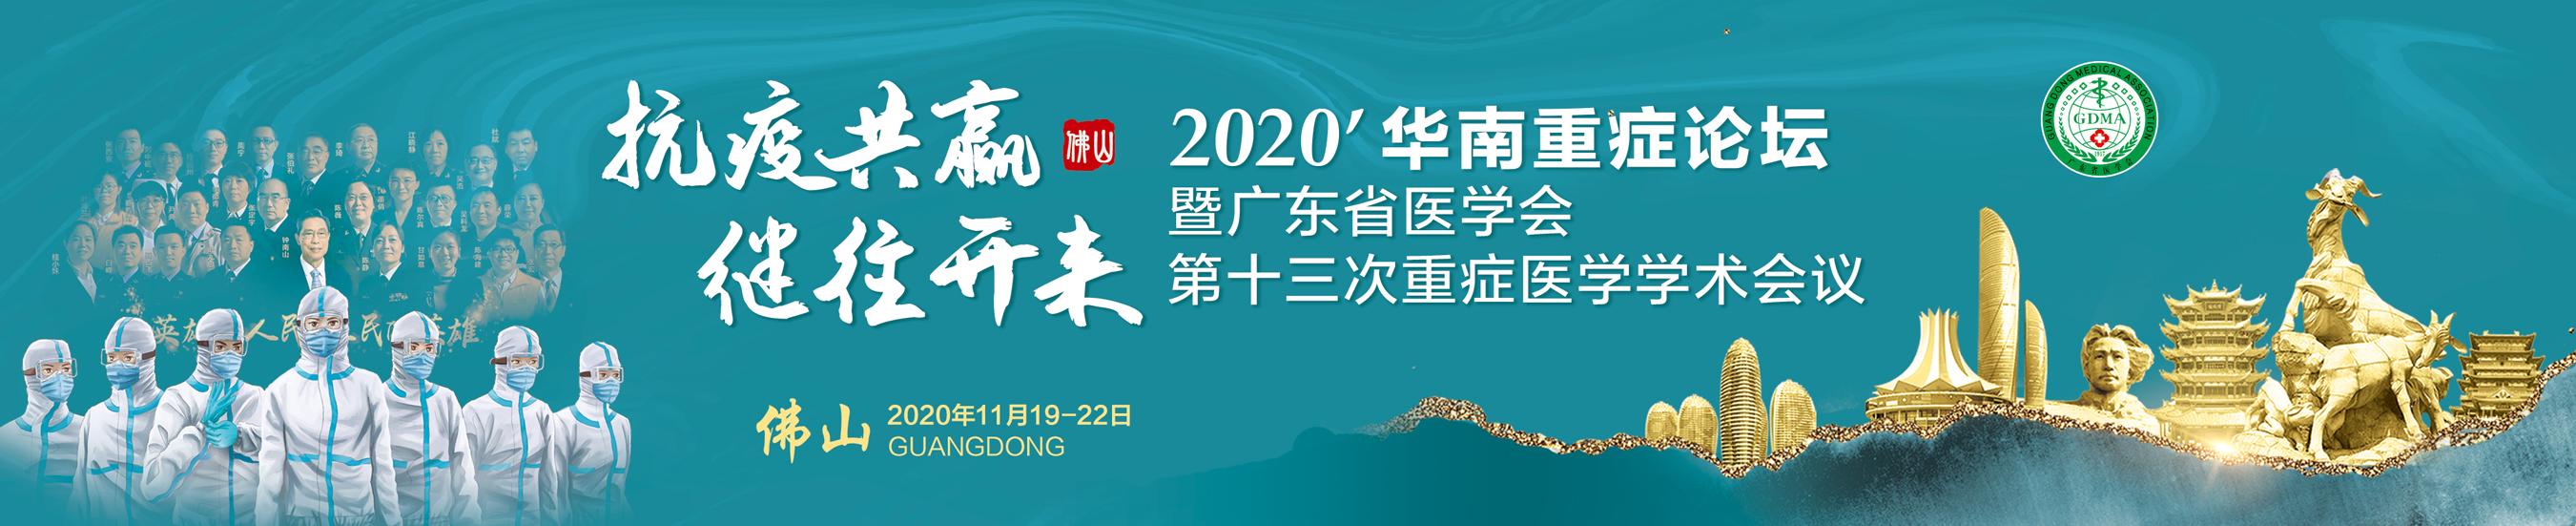 2020年华南重症论坛暨广东省医学会第十三次重症医学学术会议